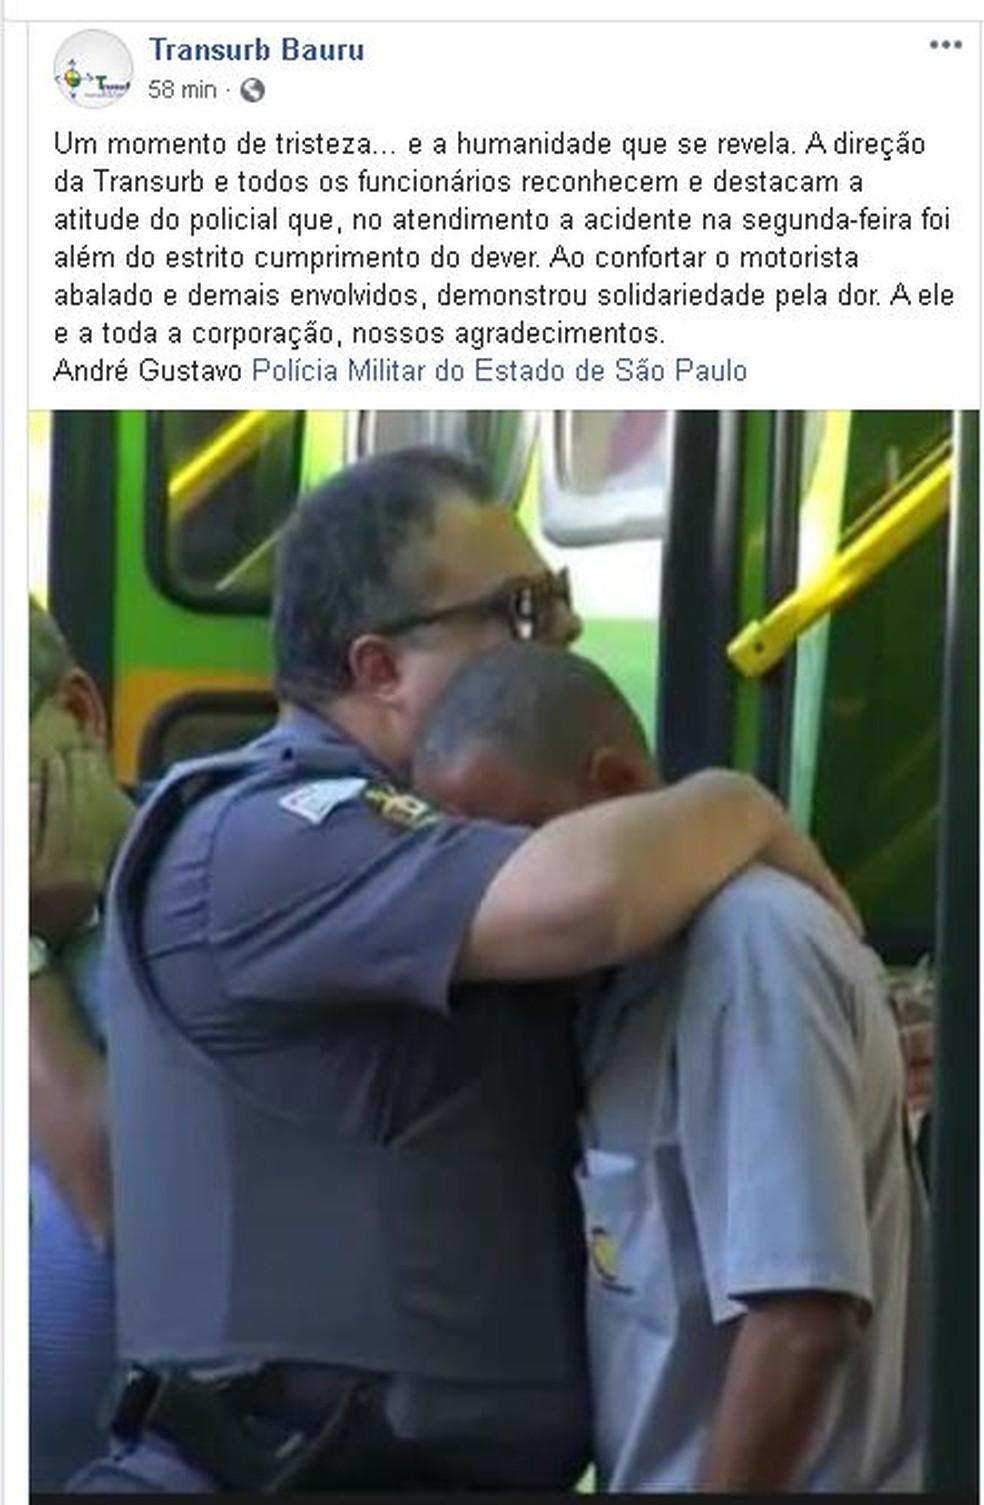 Empresa de ônibus também compartilhou e agradeceu a atitude do policial  — Foto: Facebook/ reprodução